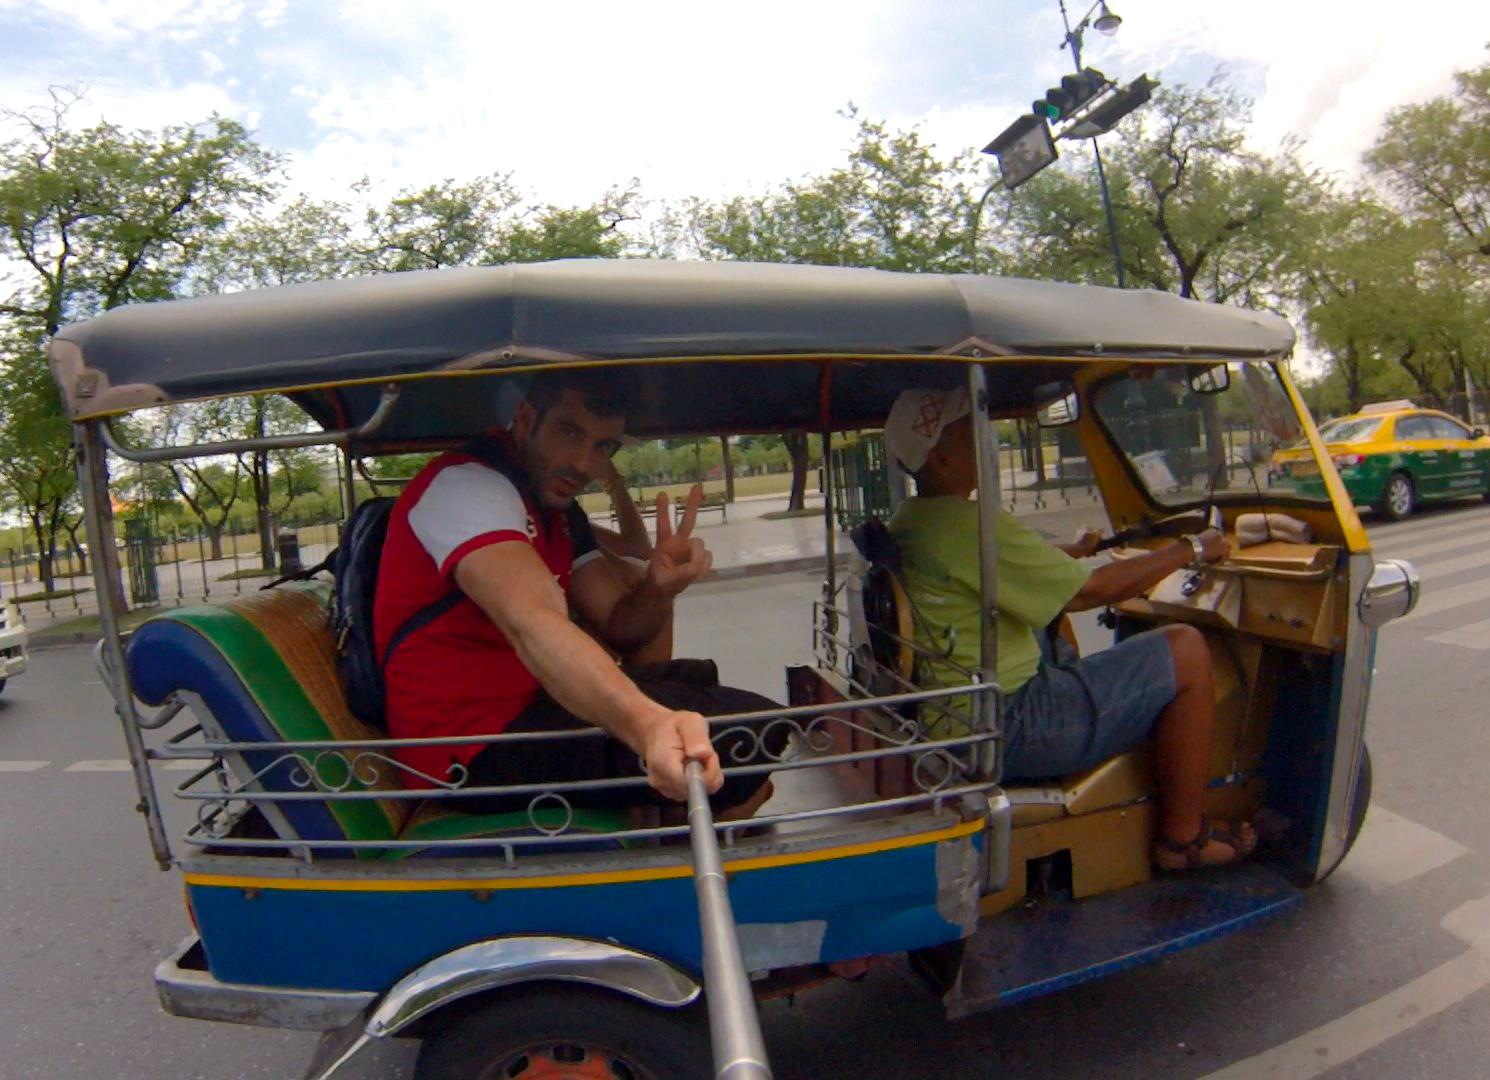 Qué hacer en Bangkok, qué ver en Bangkok, Tailandia qué hacer en bangkok - 38768961640 2db3fef4f7 o - Qué hacer en Bangkok para descubrir su estilo de vida